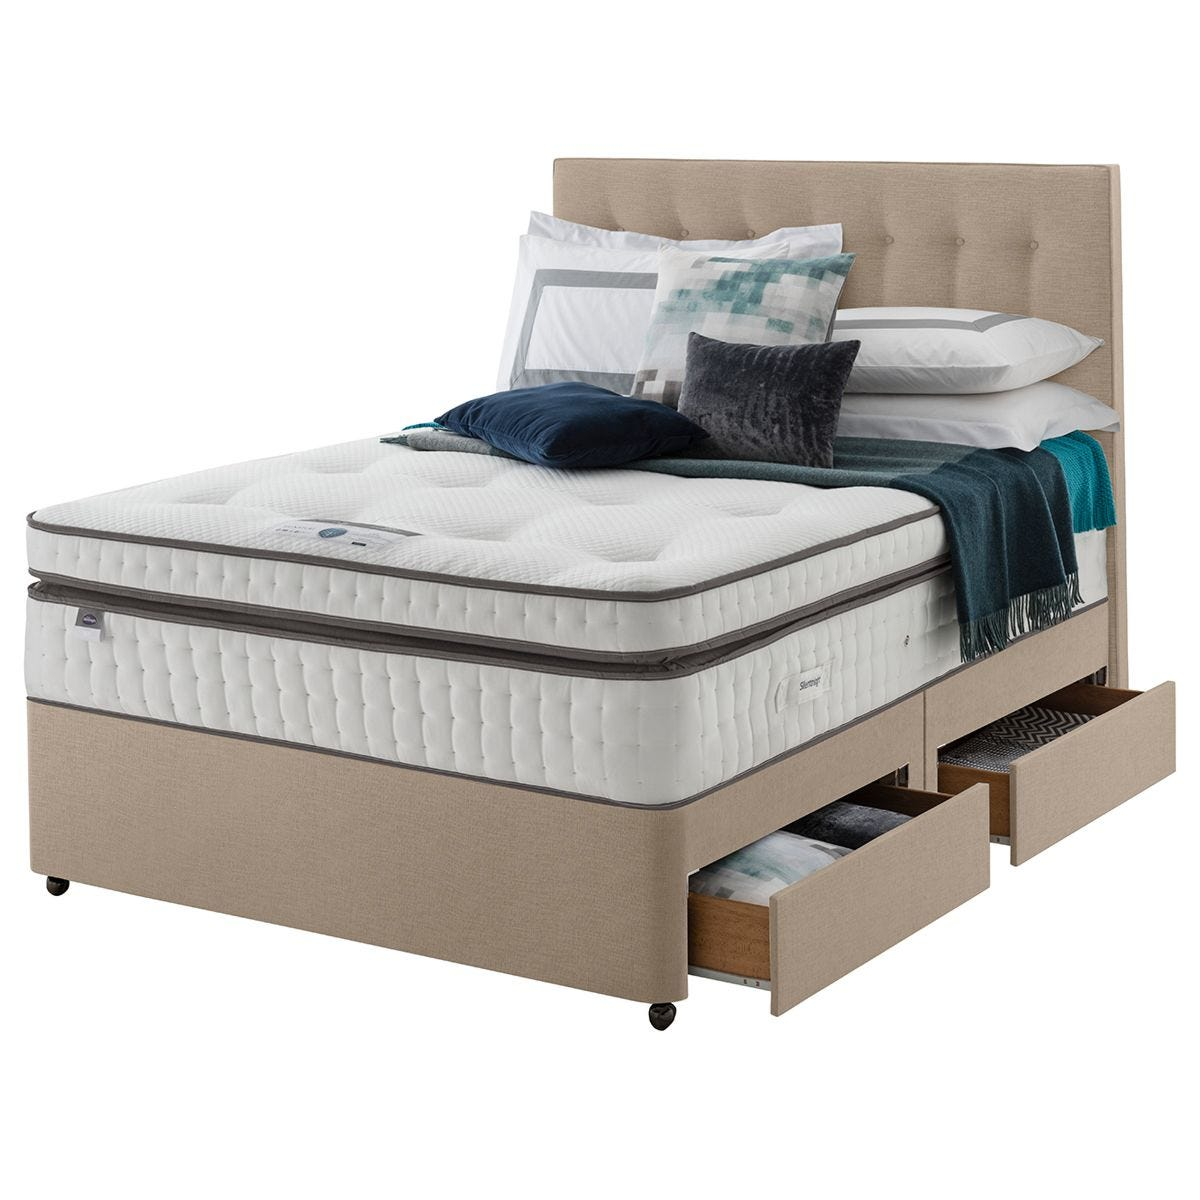 Silentnight Mirapocket Geltex 2000 4 Drawer Divan Bed - Sandstone